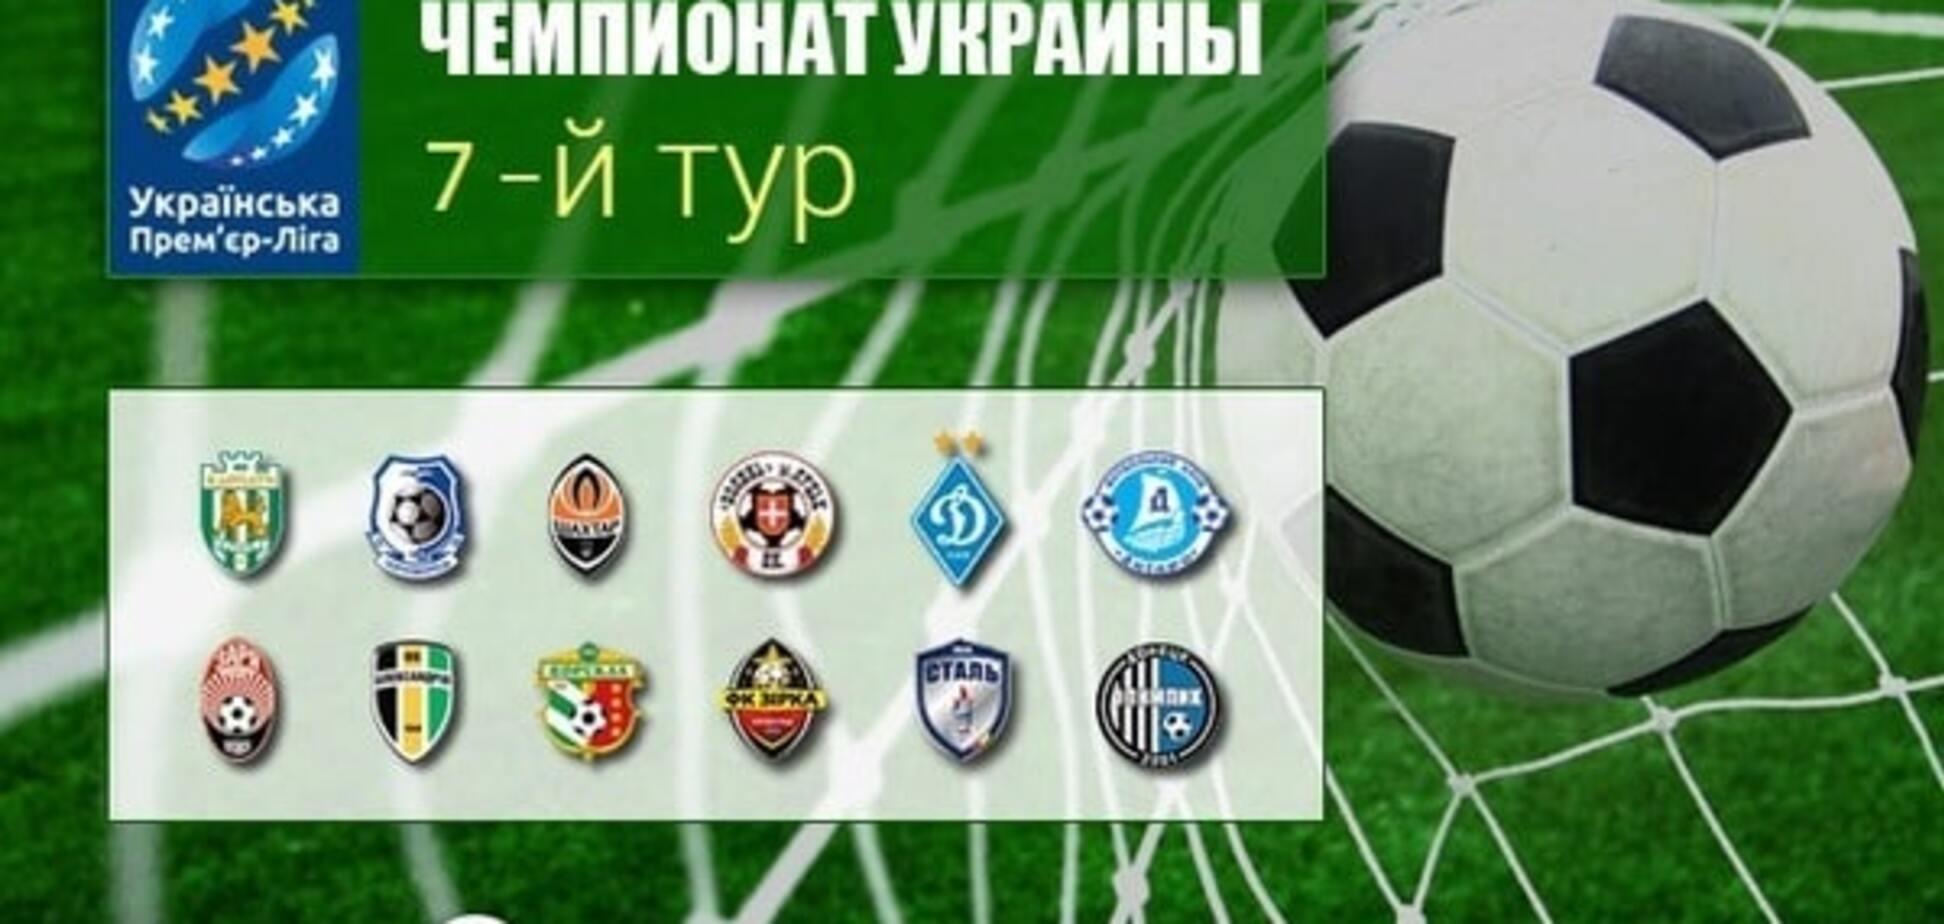 Де дивитися матчі 7-го туру чемпіонату України: розклад трансляцій